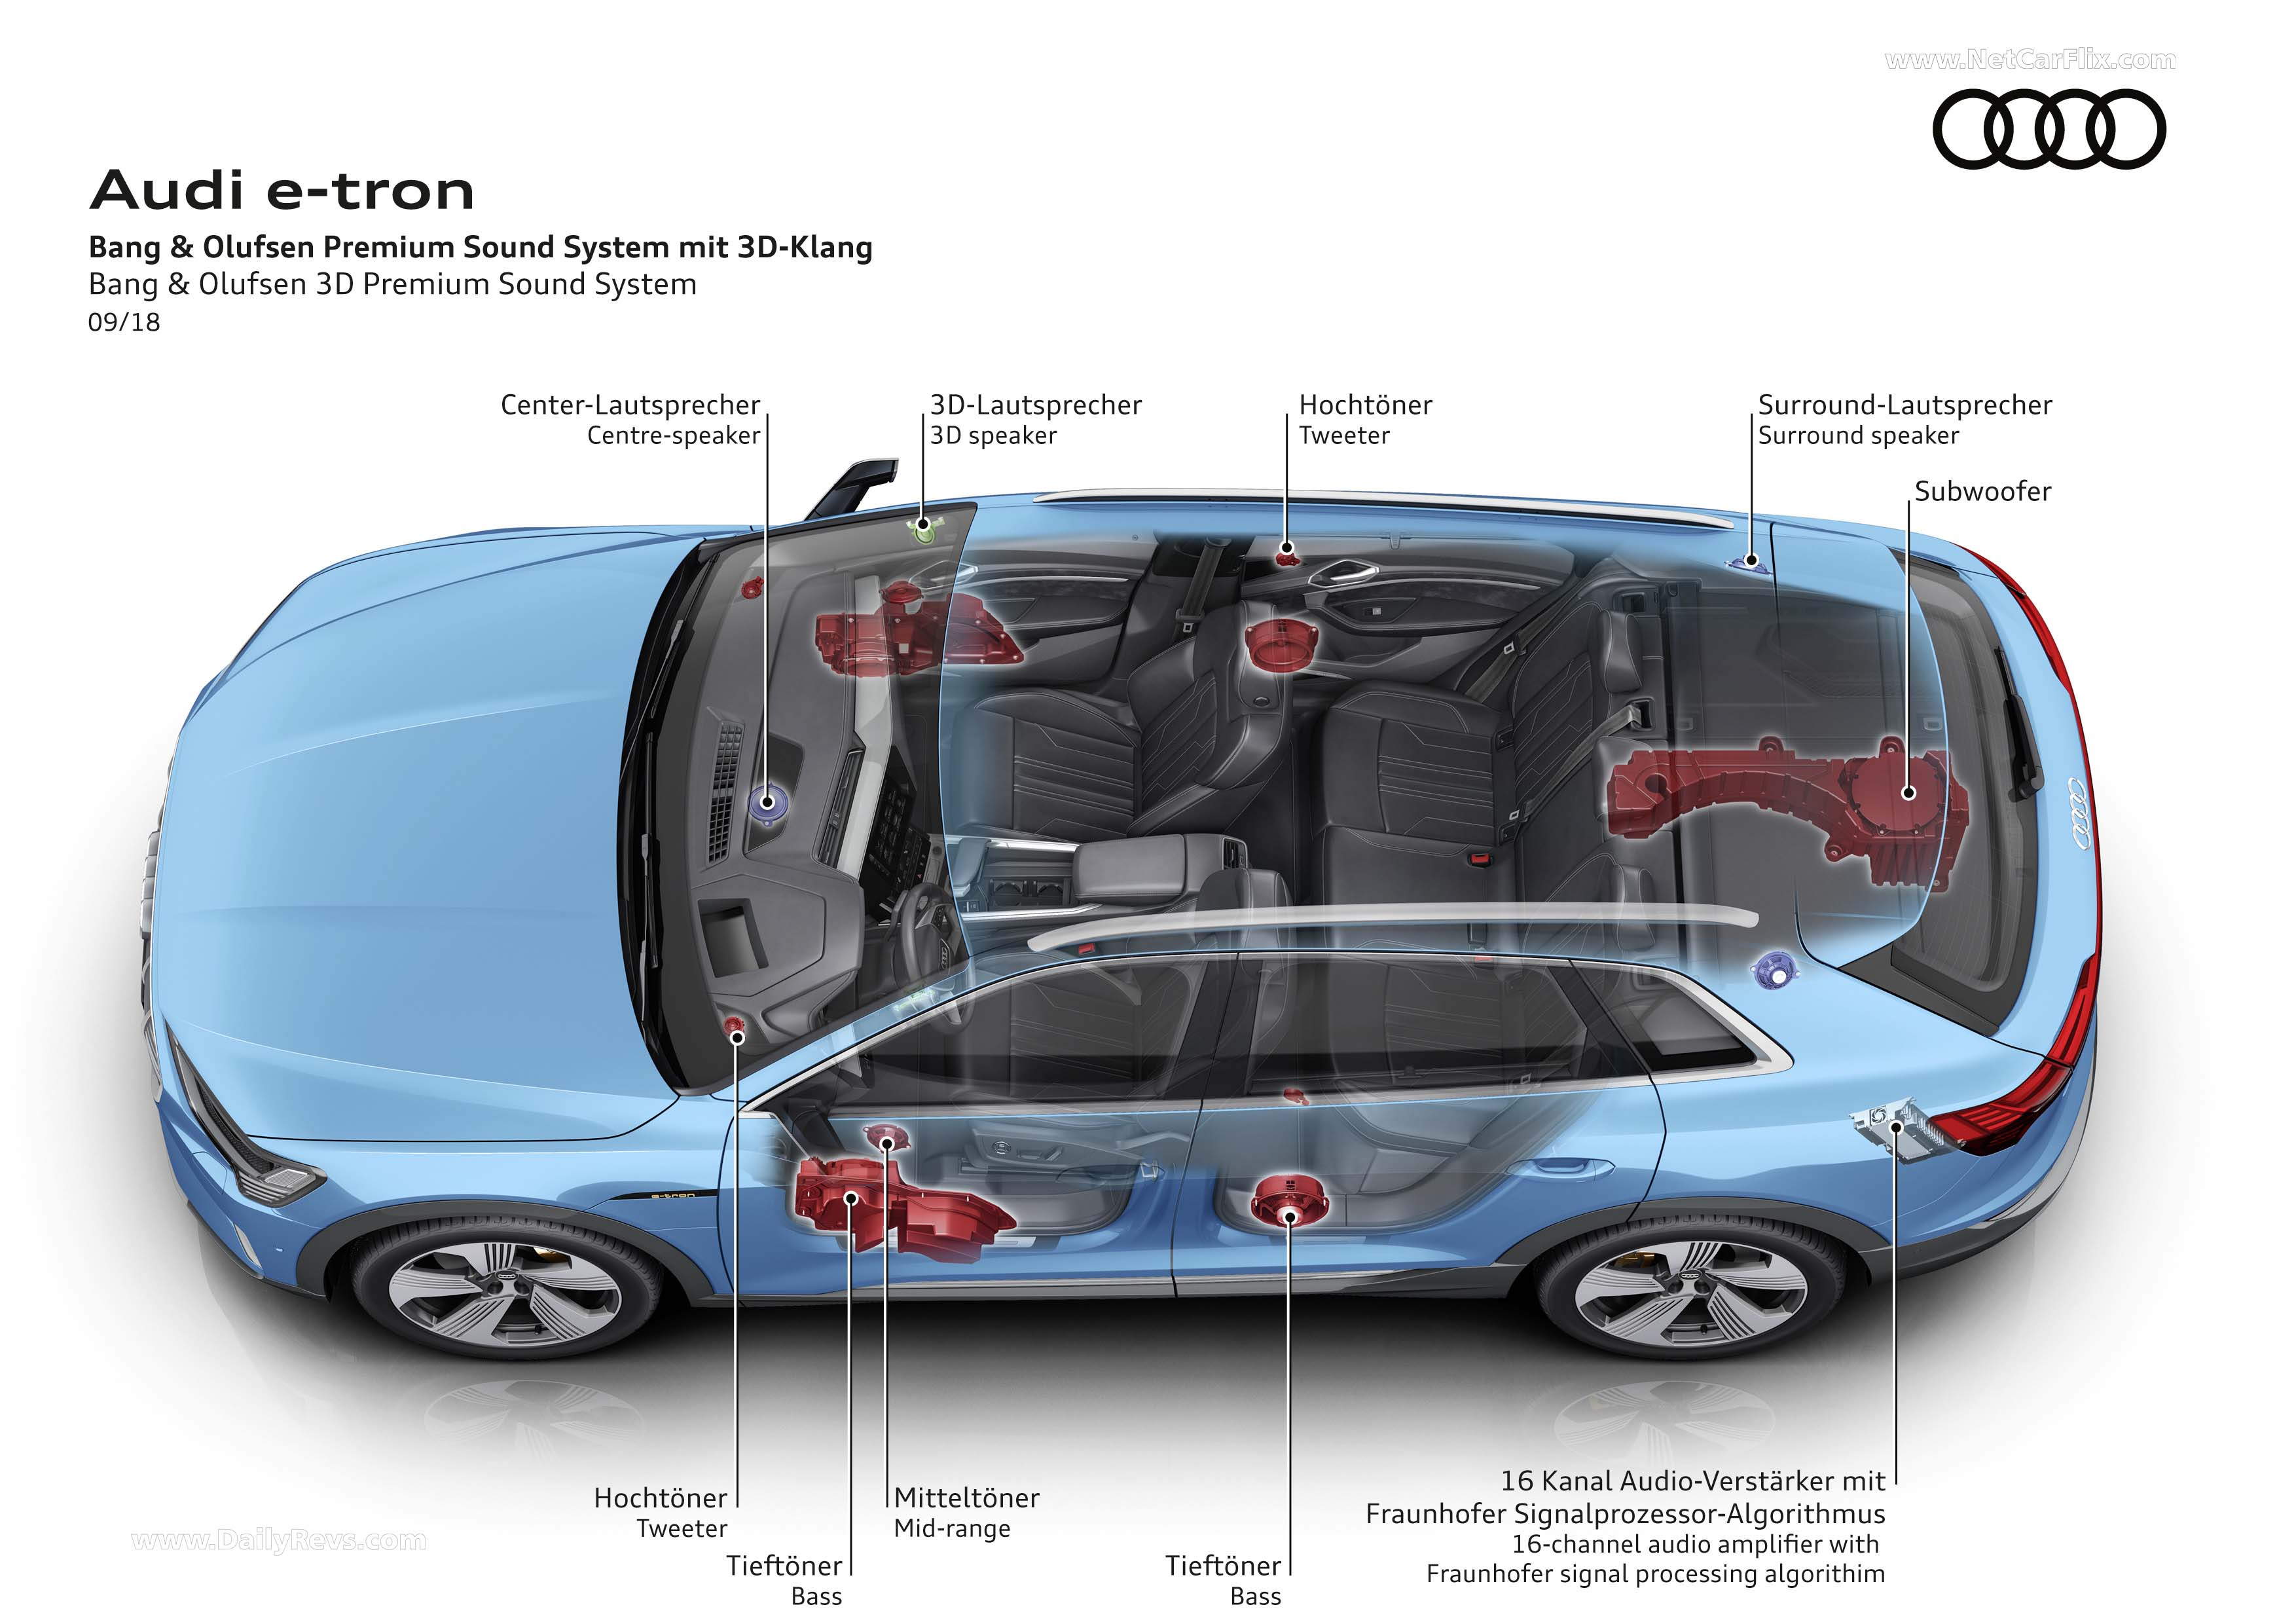 2020 Audi e-tron full